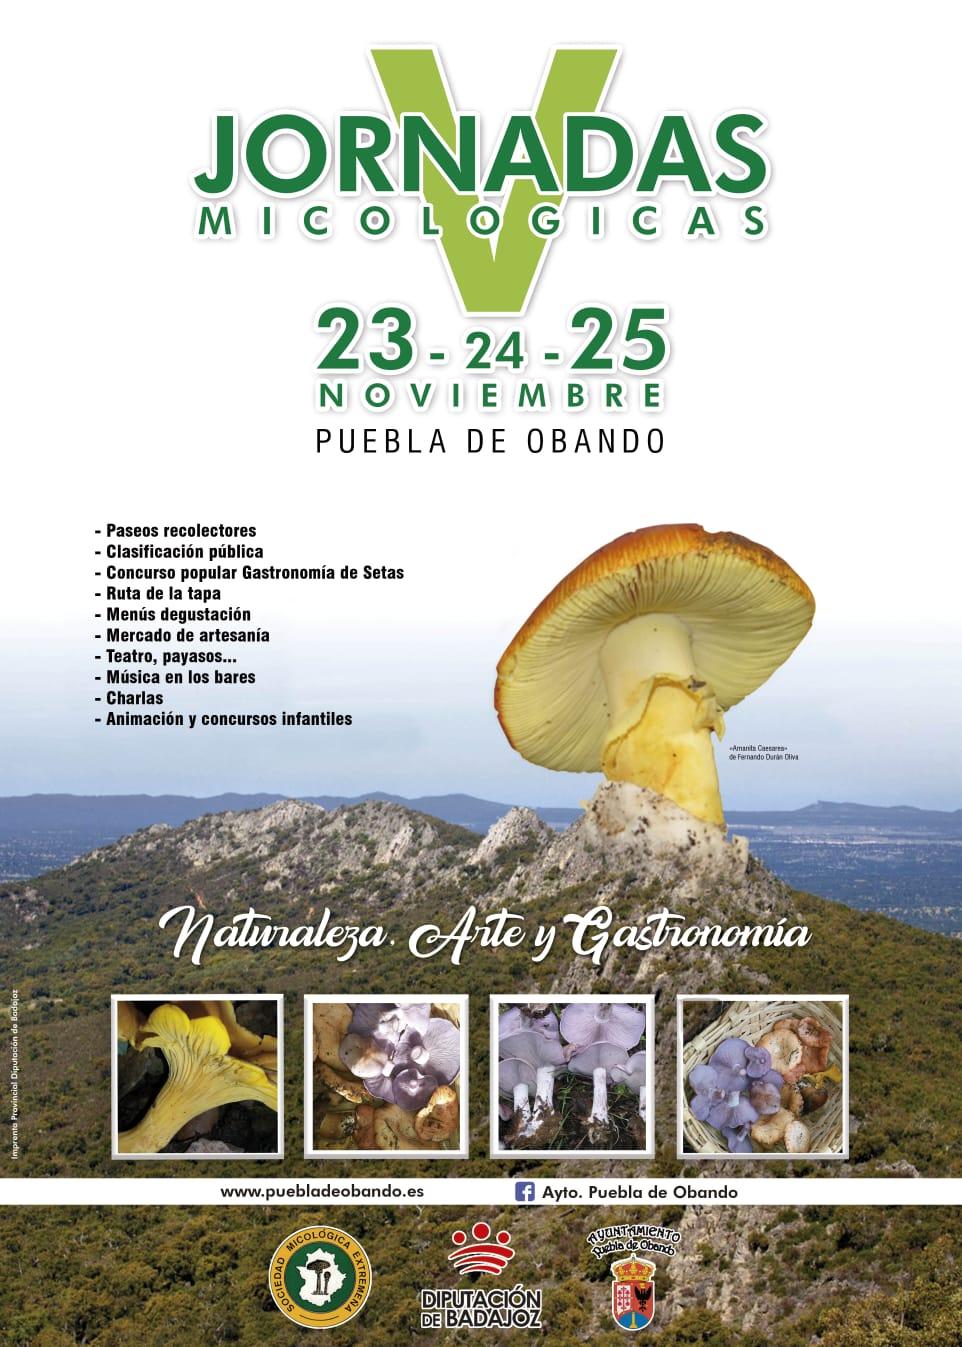 Jornadas Micológicas – Puebla de Obando 23, 24 y 25 de Noviembre